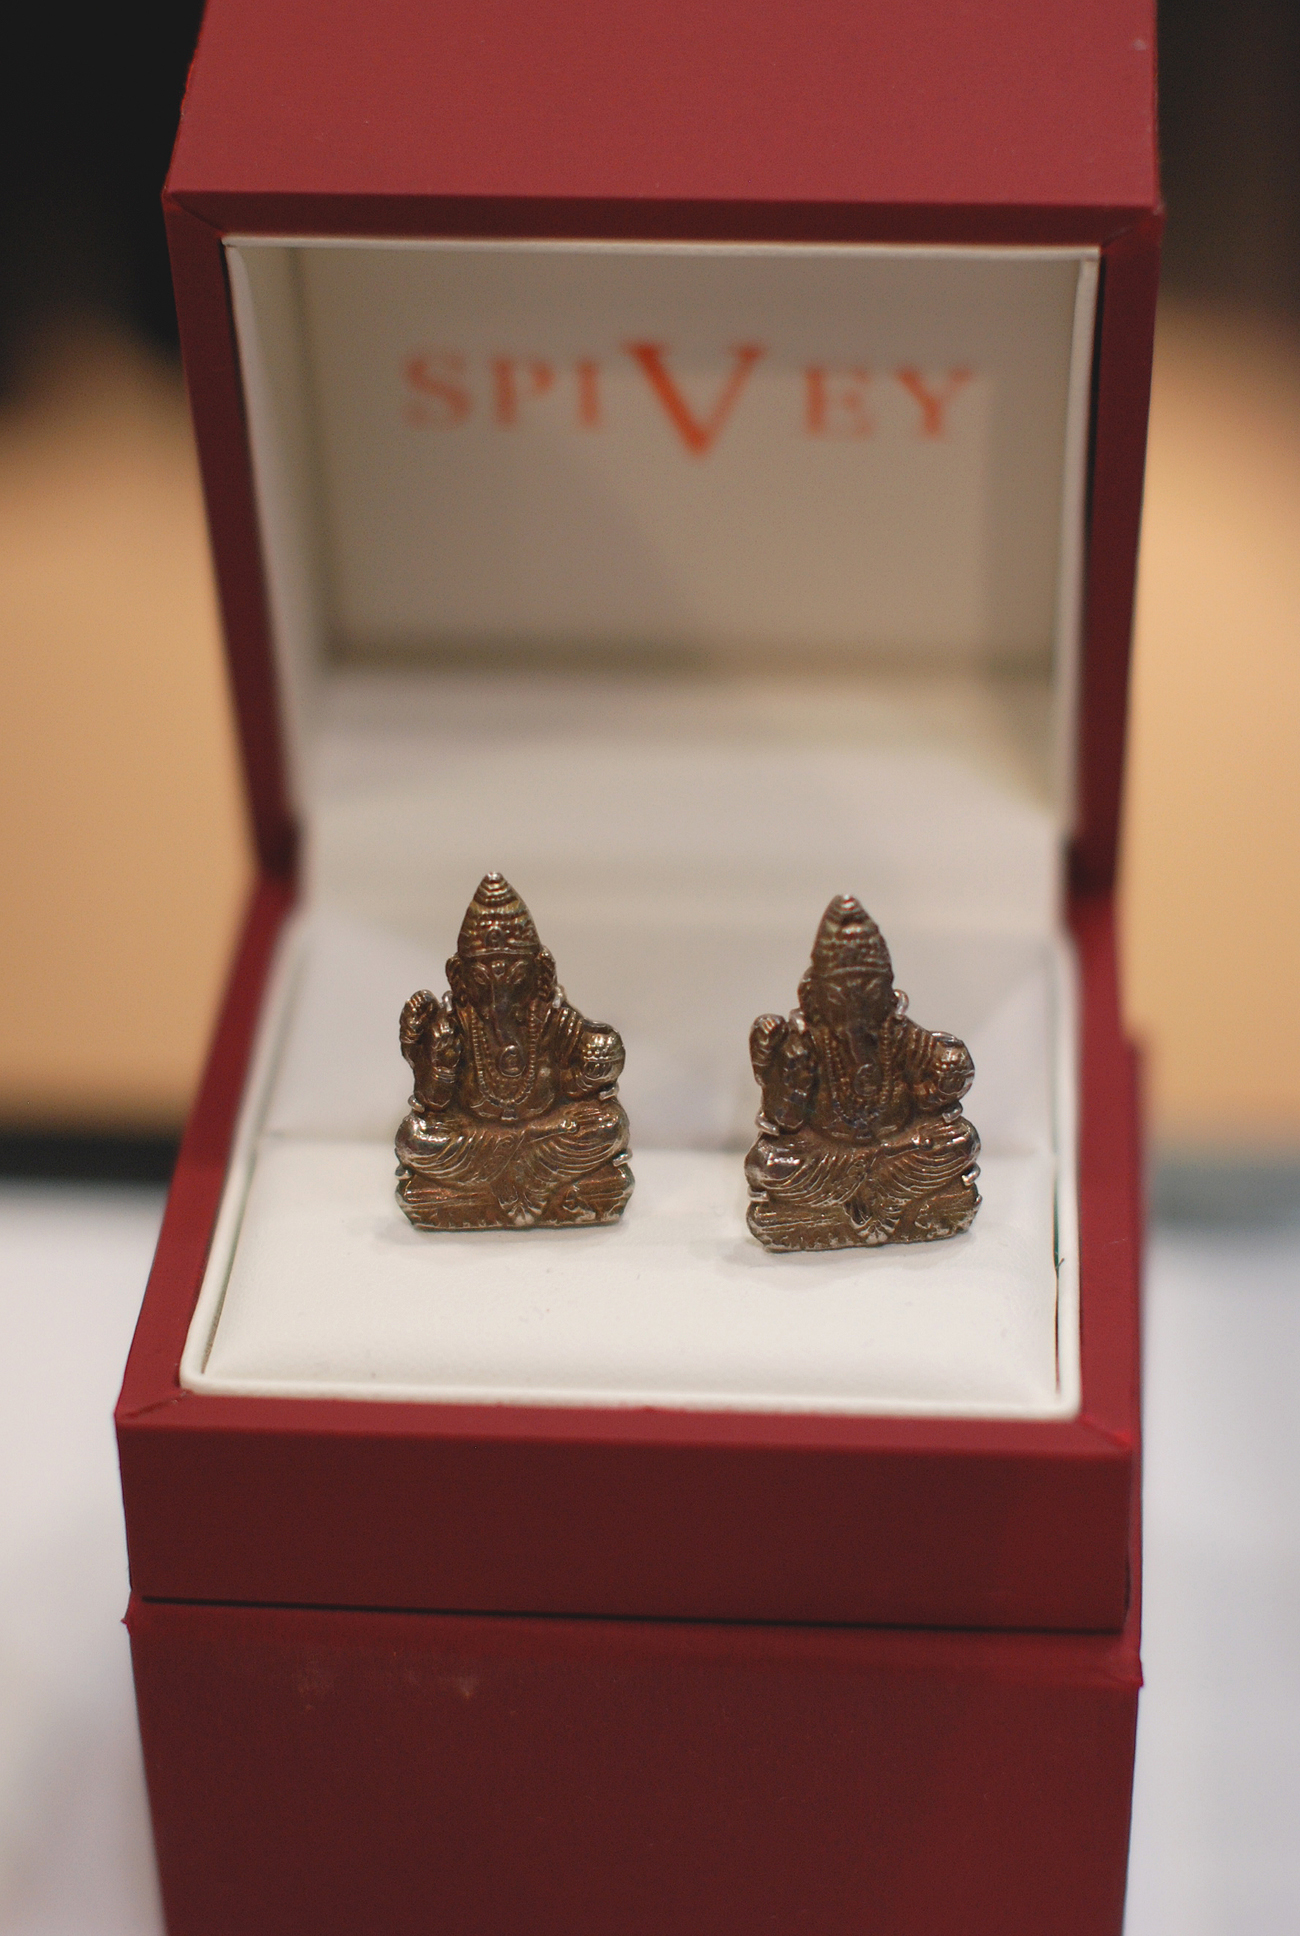 Spivey Cufflinks - MRket Menswear Trade Show